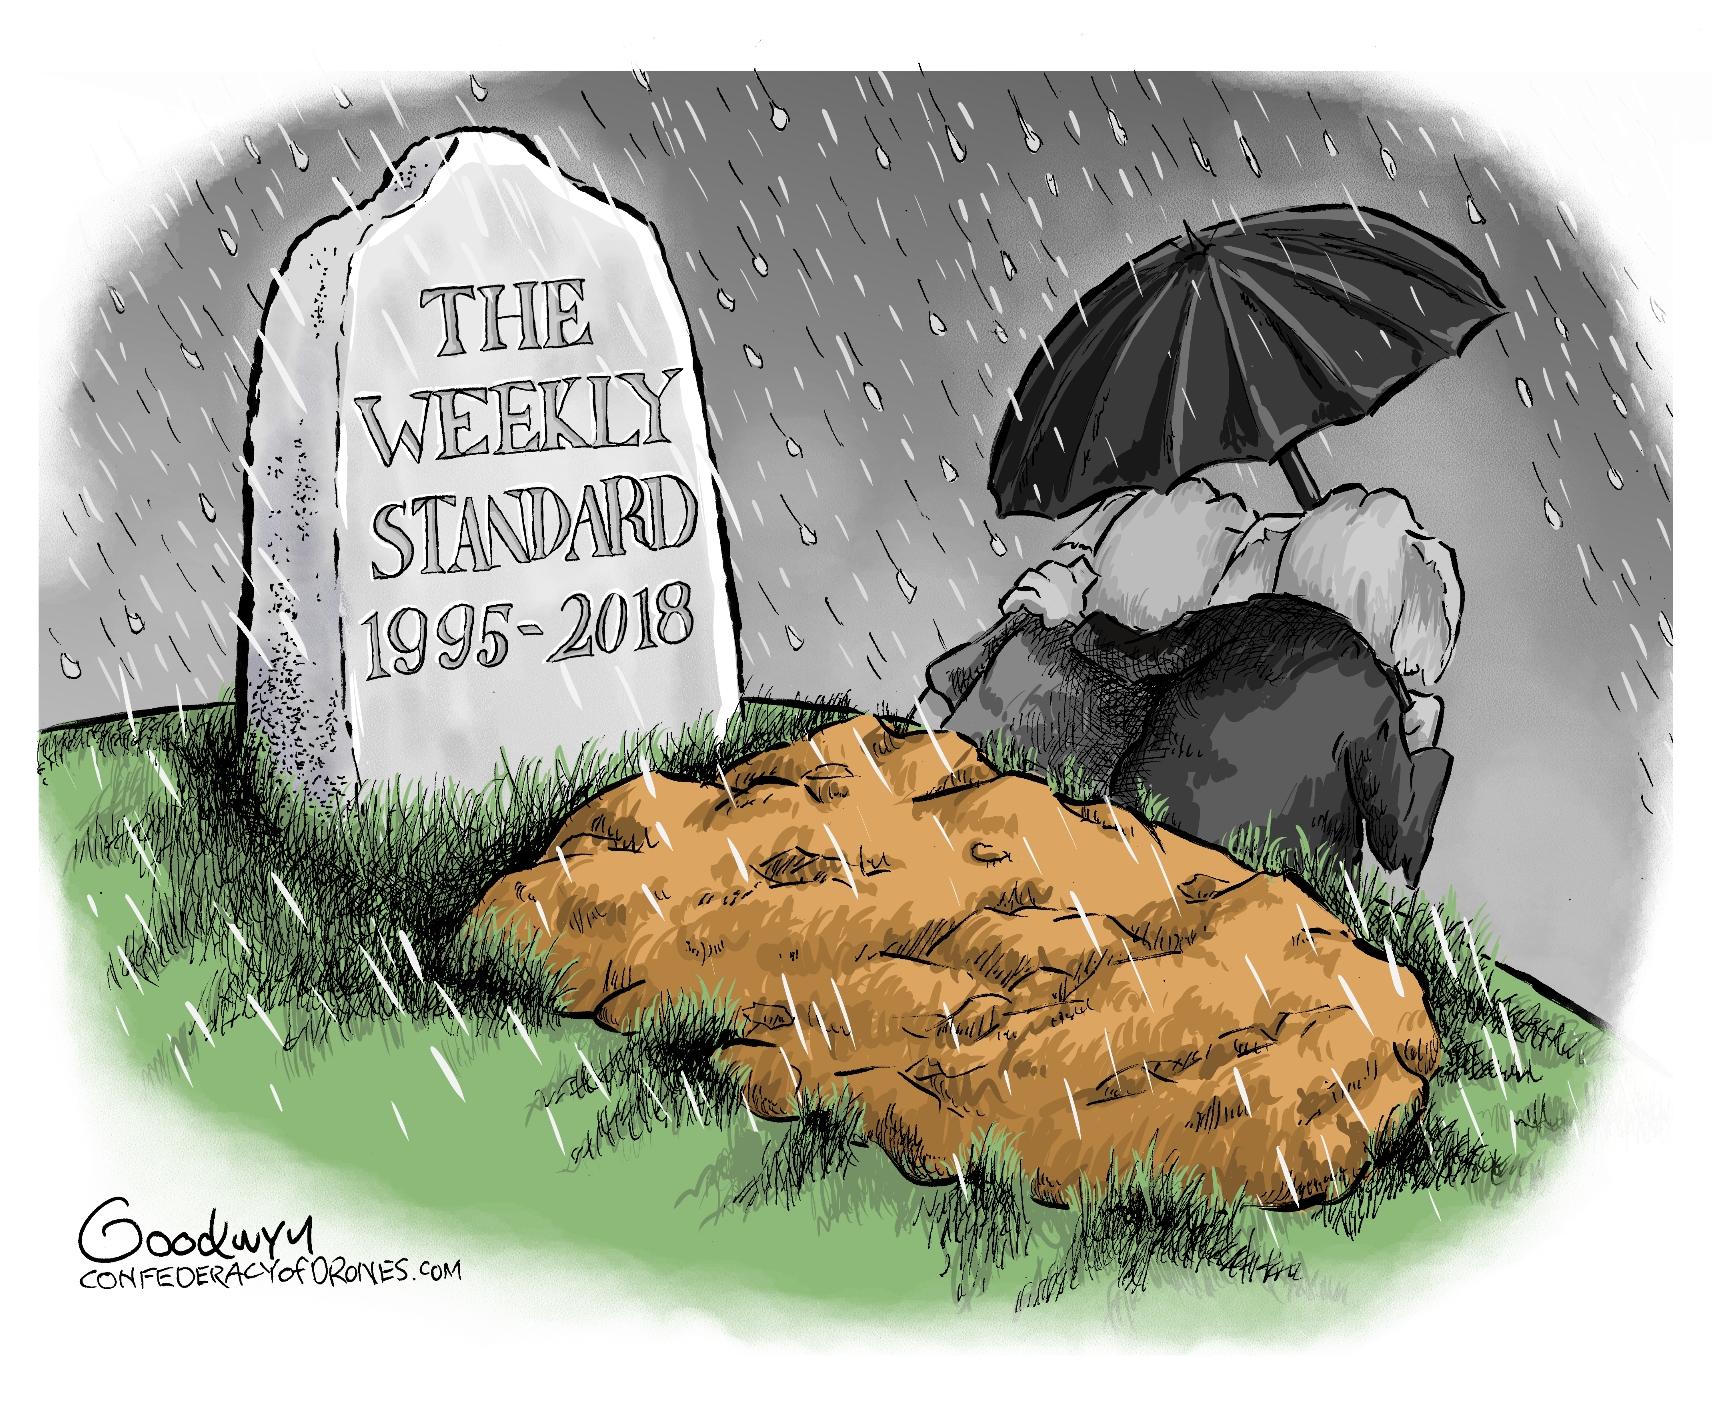 Weekly Standard lr 12-17-16